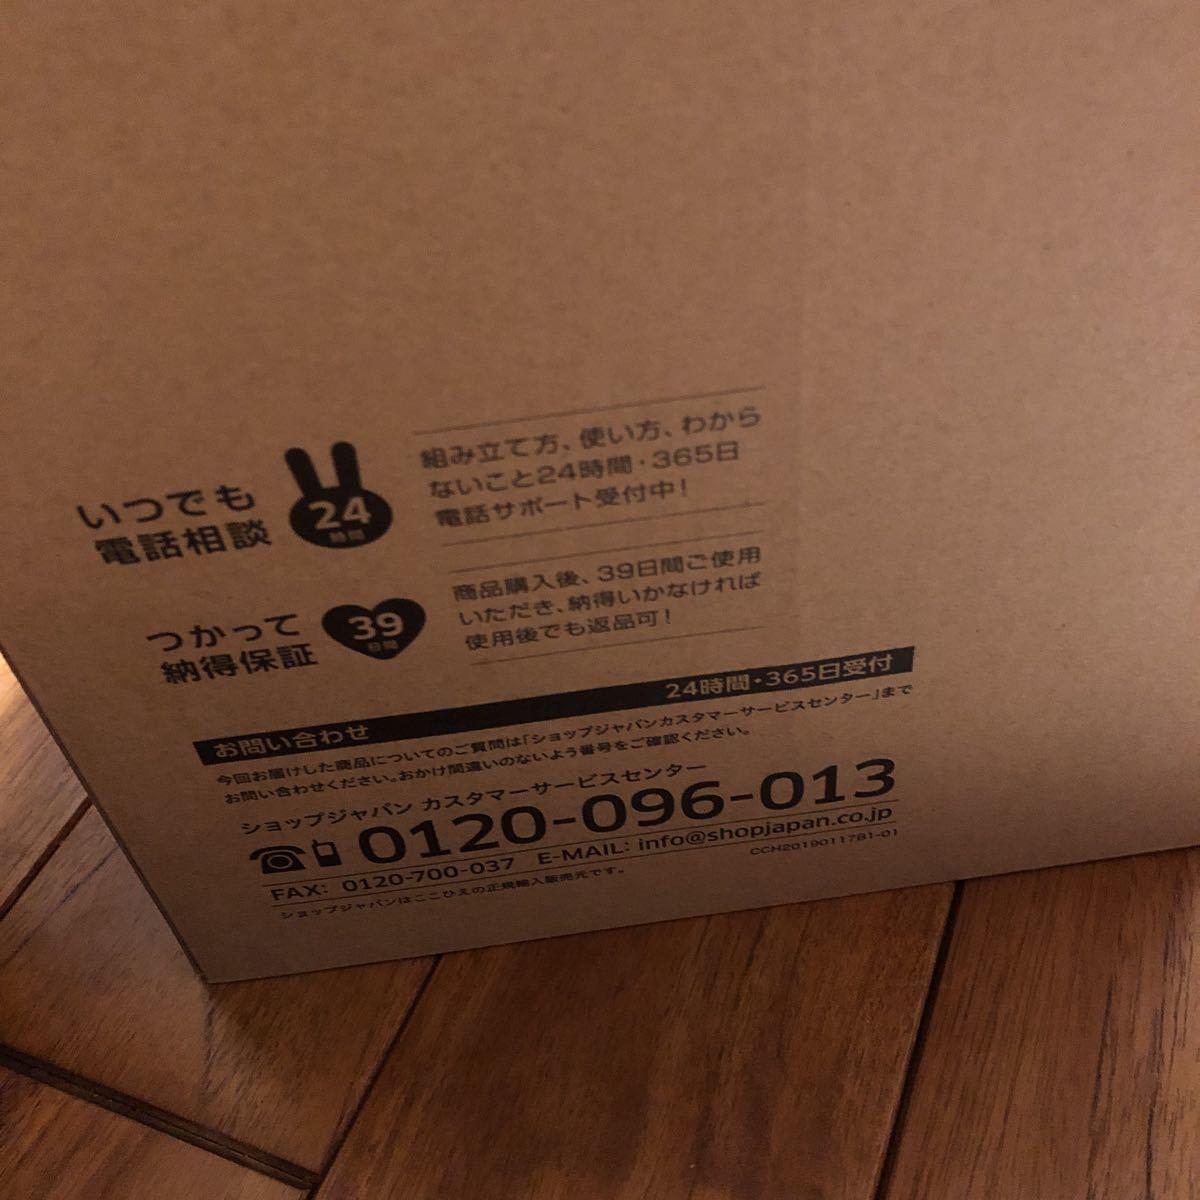 ここひええ shop japan2019年 最新_画像4